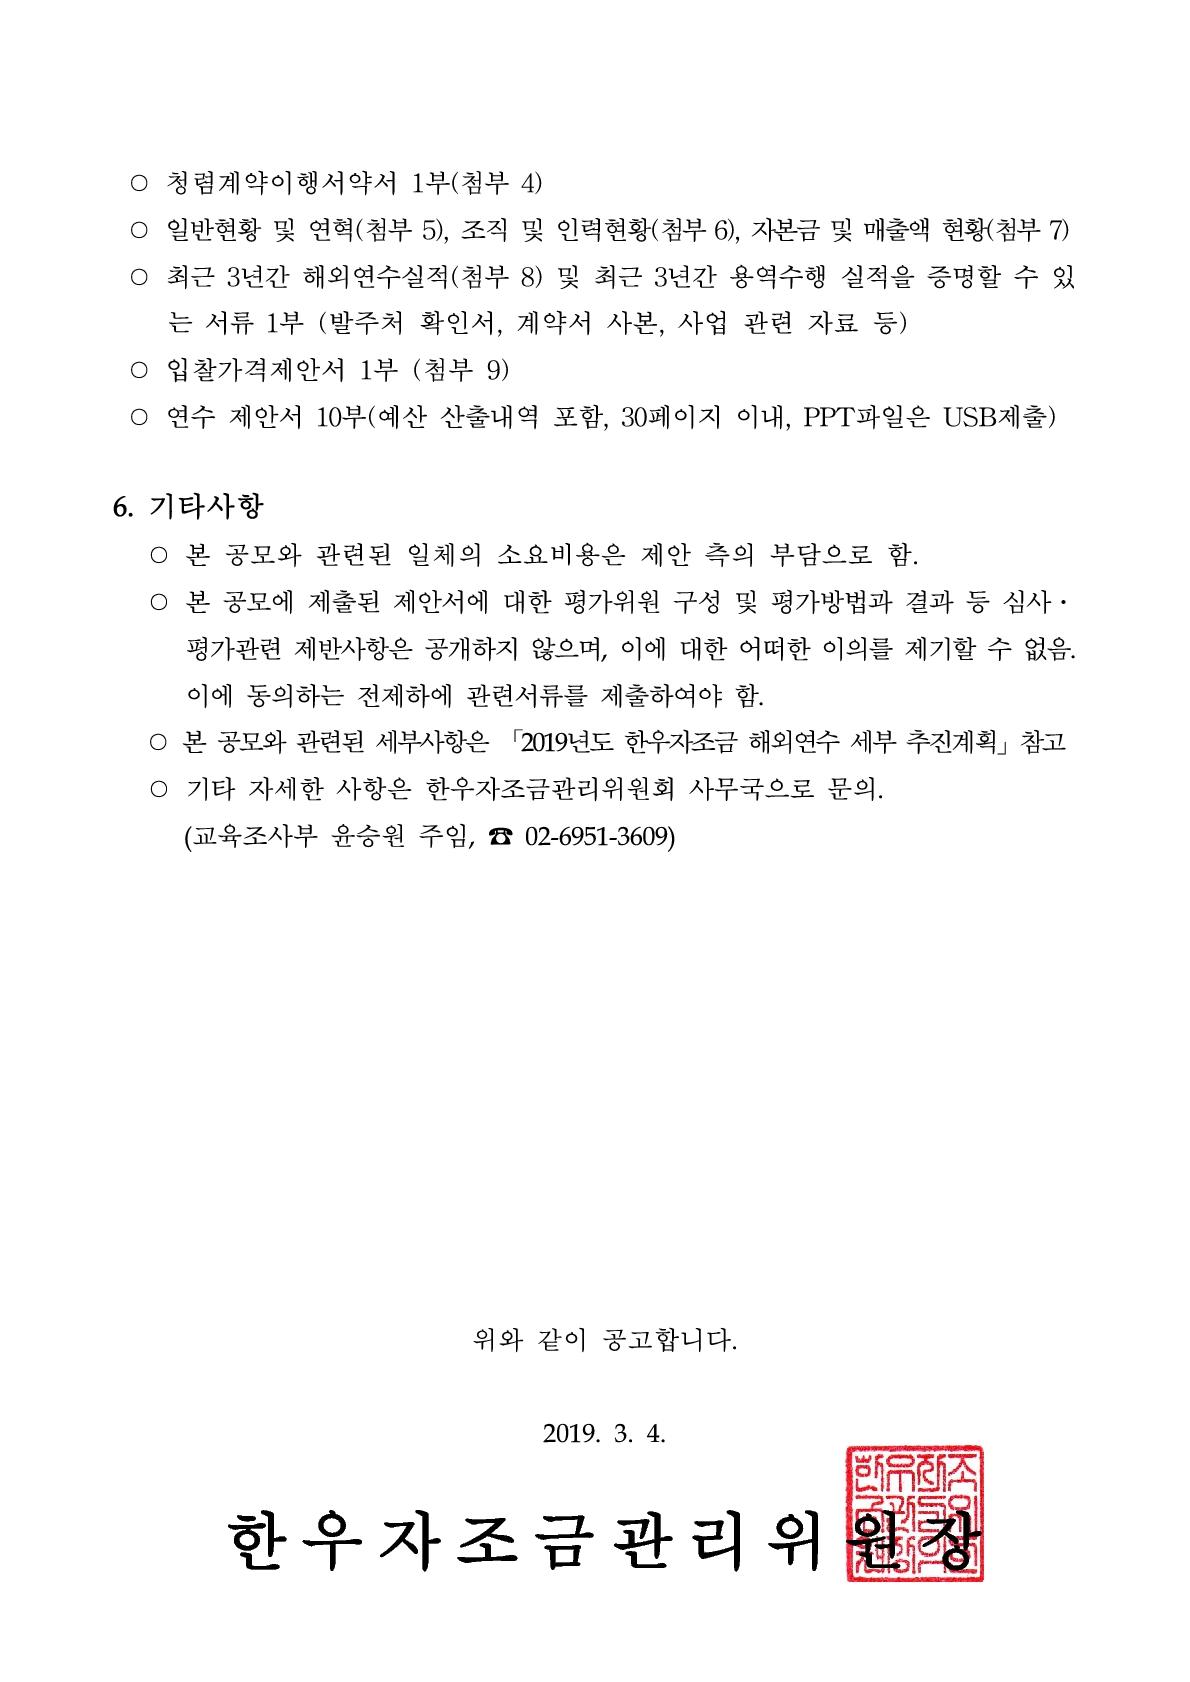 2019년_한우자조금_해외연수_입찰공고문_3.jpg